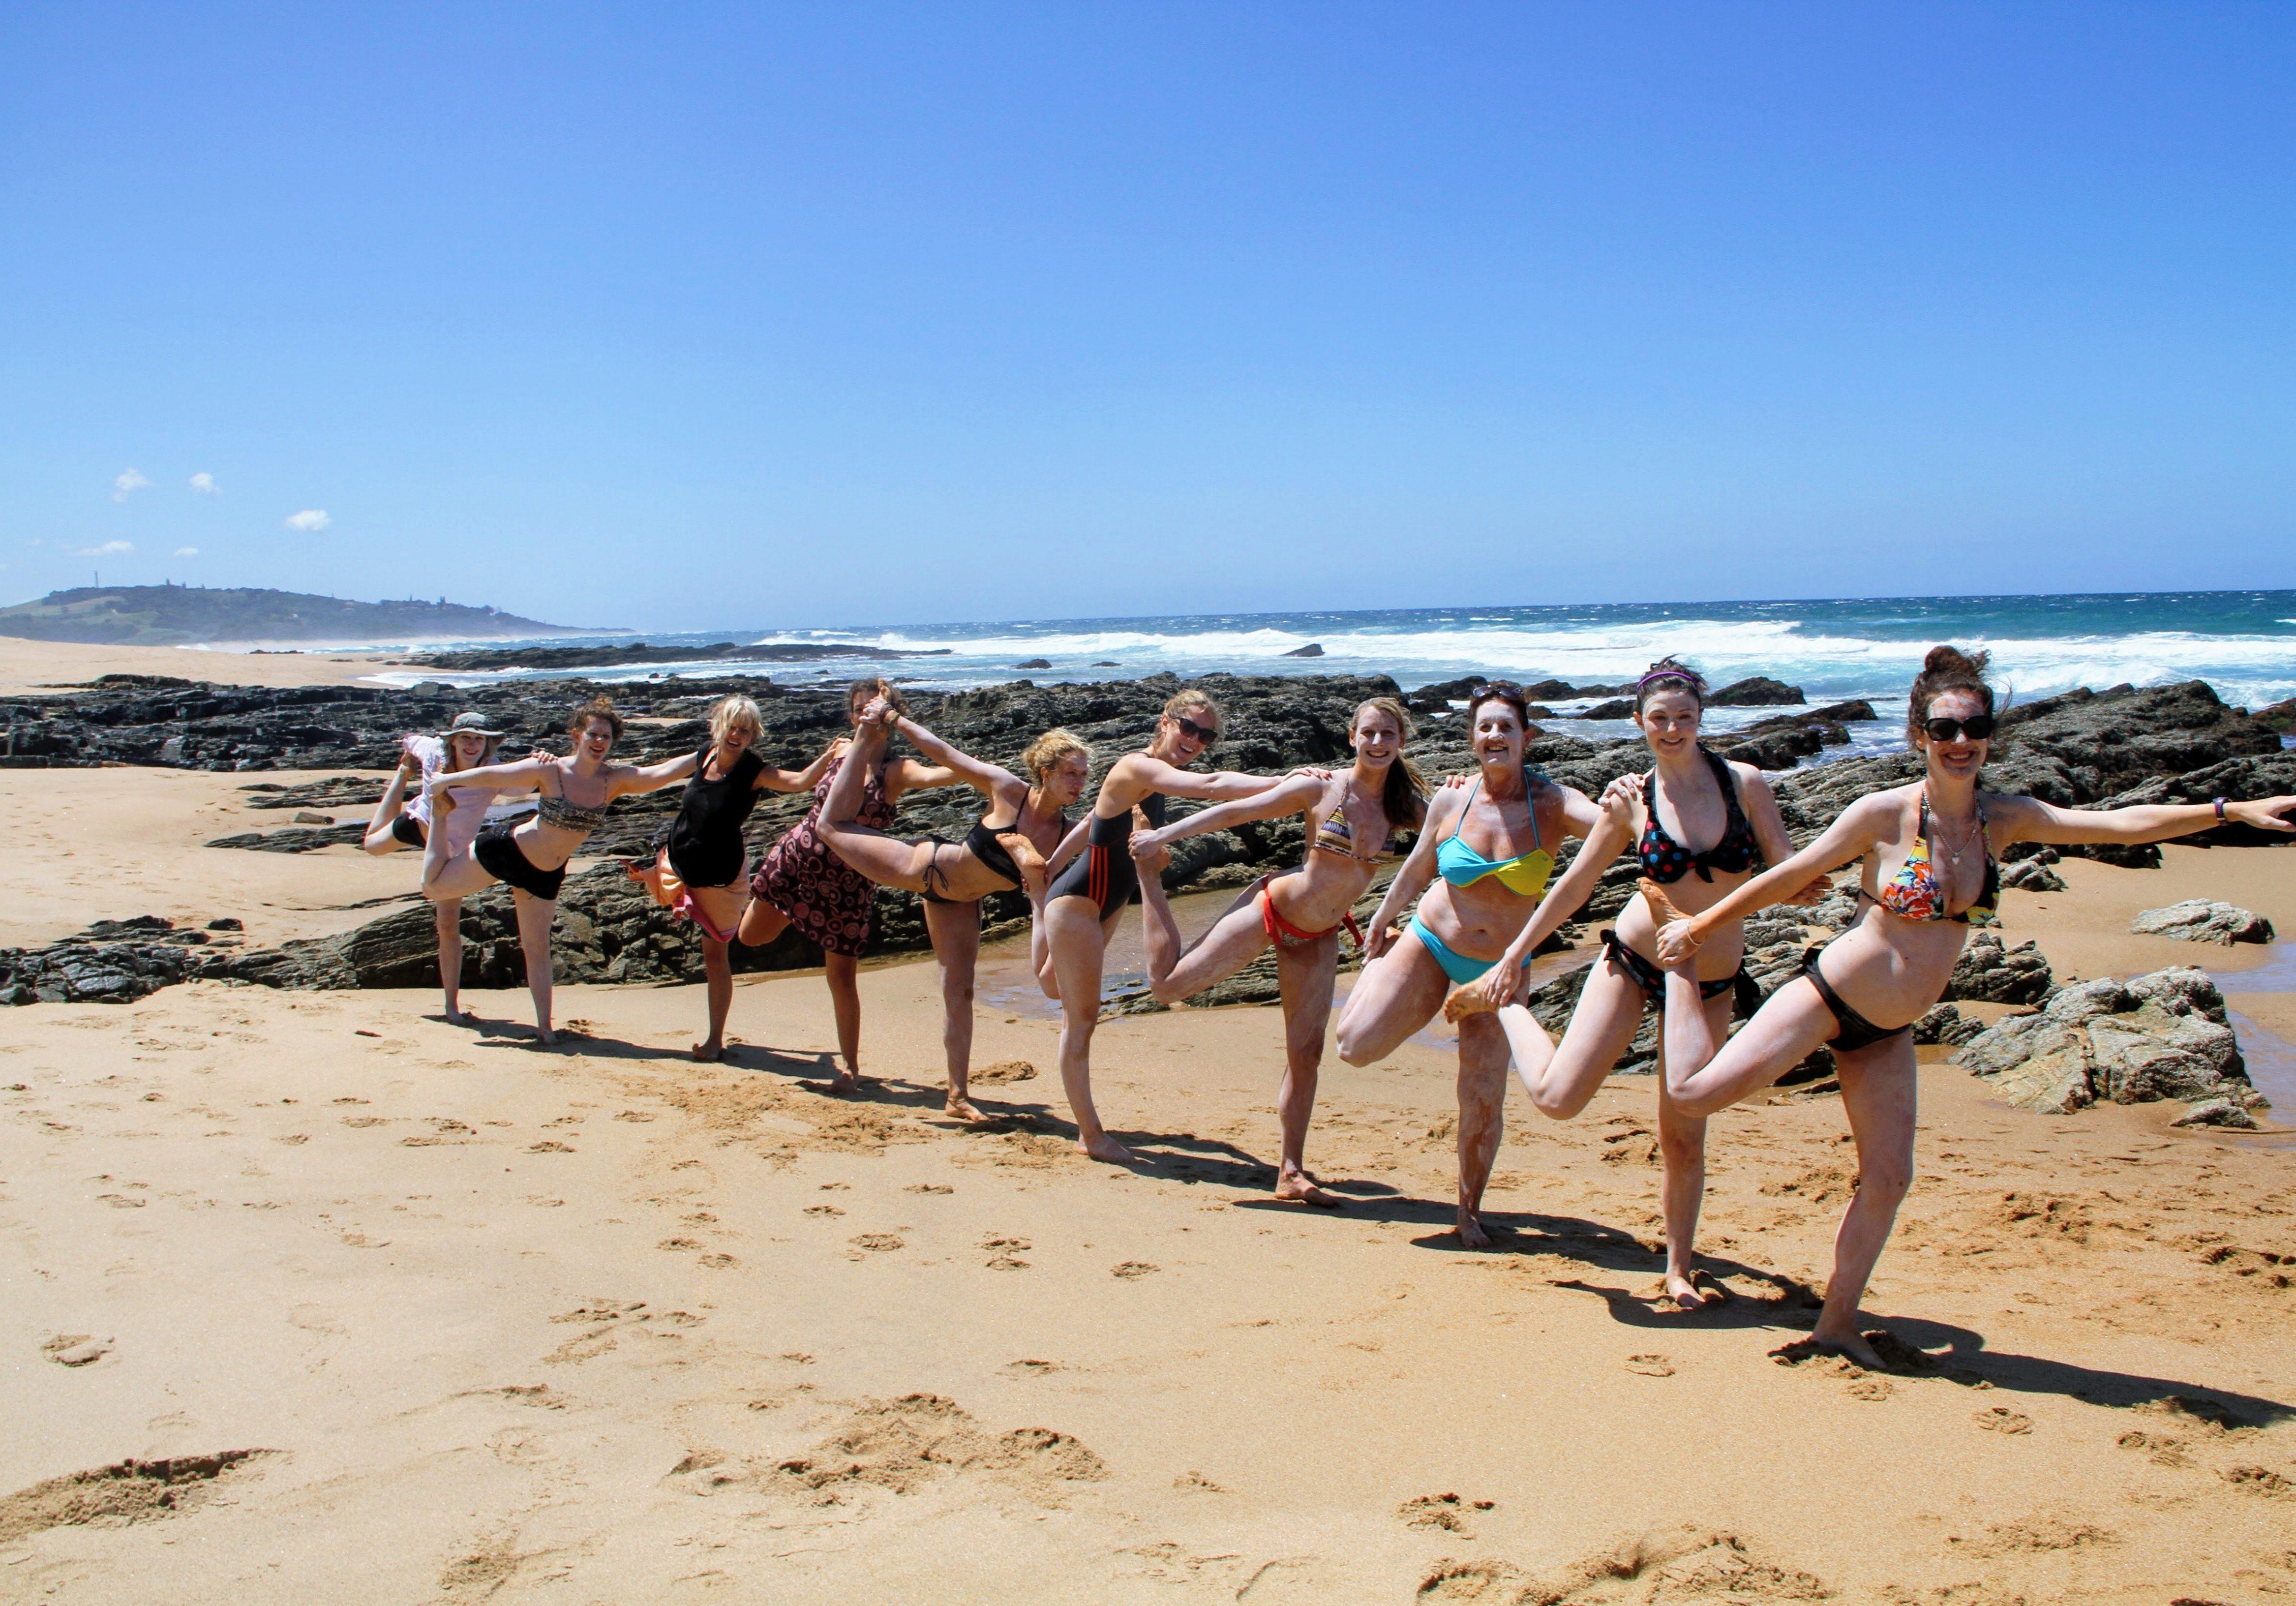 yoga teacher training beach yoga yoga girls on the beach 200 hours ttc